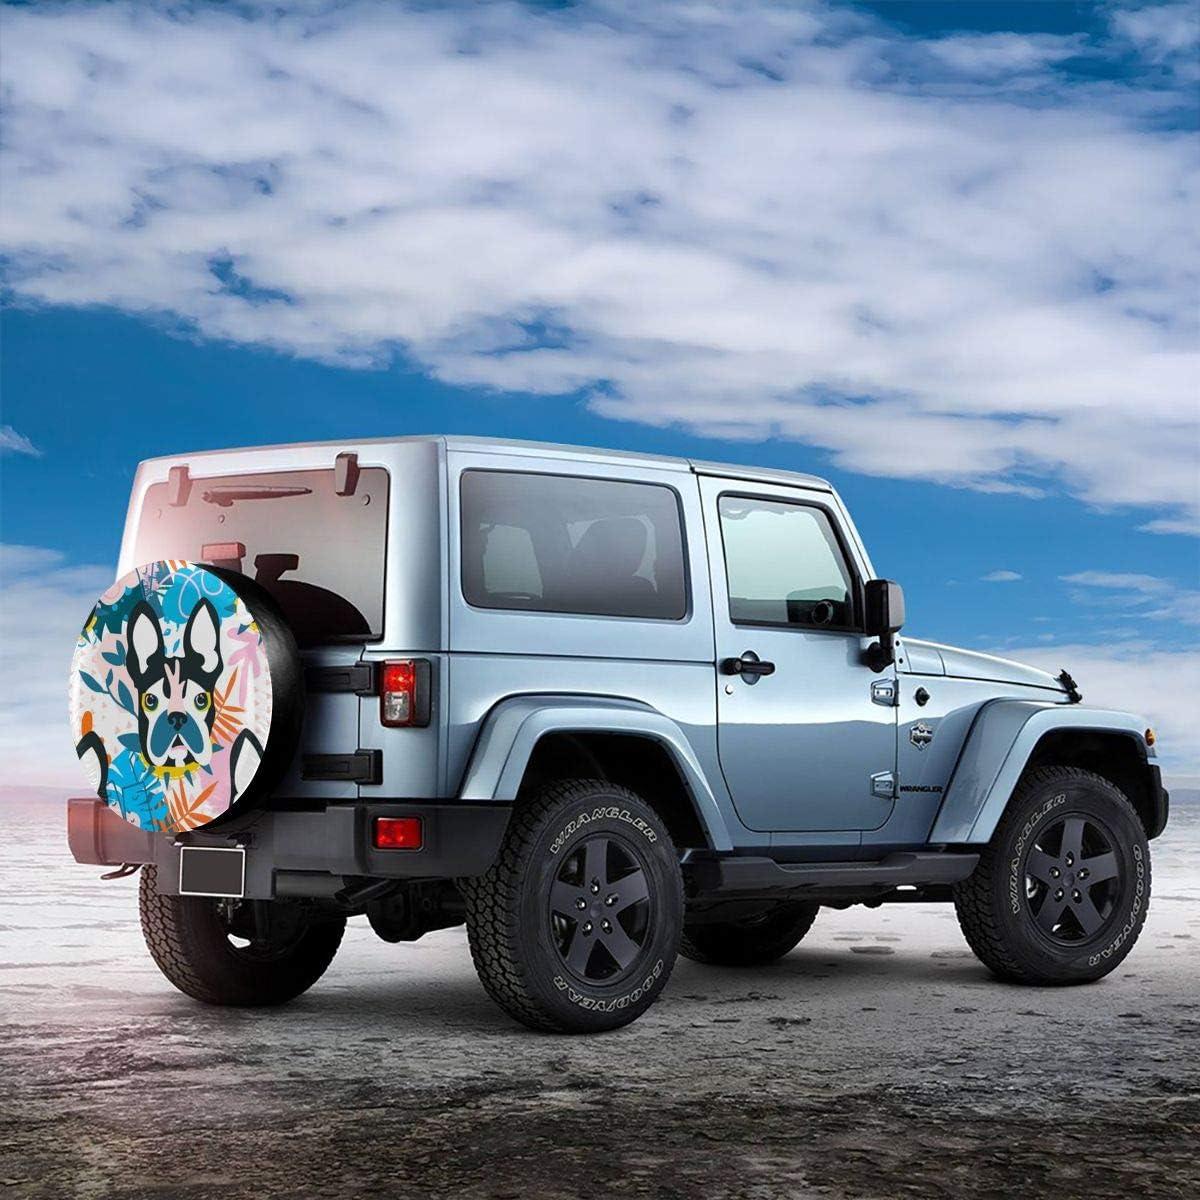 14,15,16,17 Inch Couverture de pneu Famille loup Couverture de roue de secours universelle en polyester pour couvre-pneus pour remorque Jeep RV SUV Camion Camper Travel Trailer Accessoires